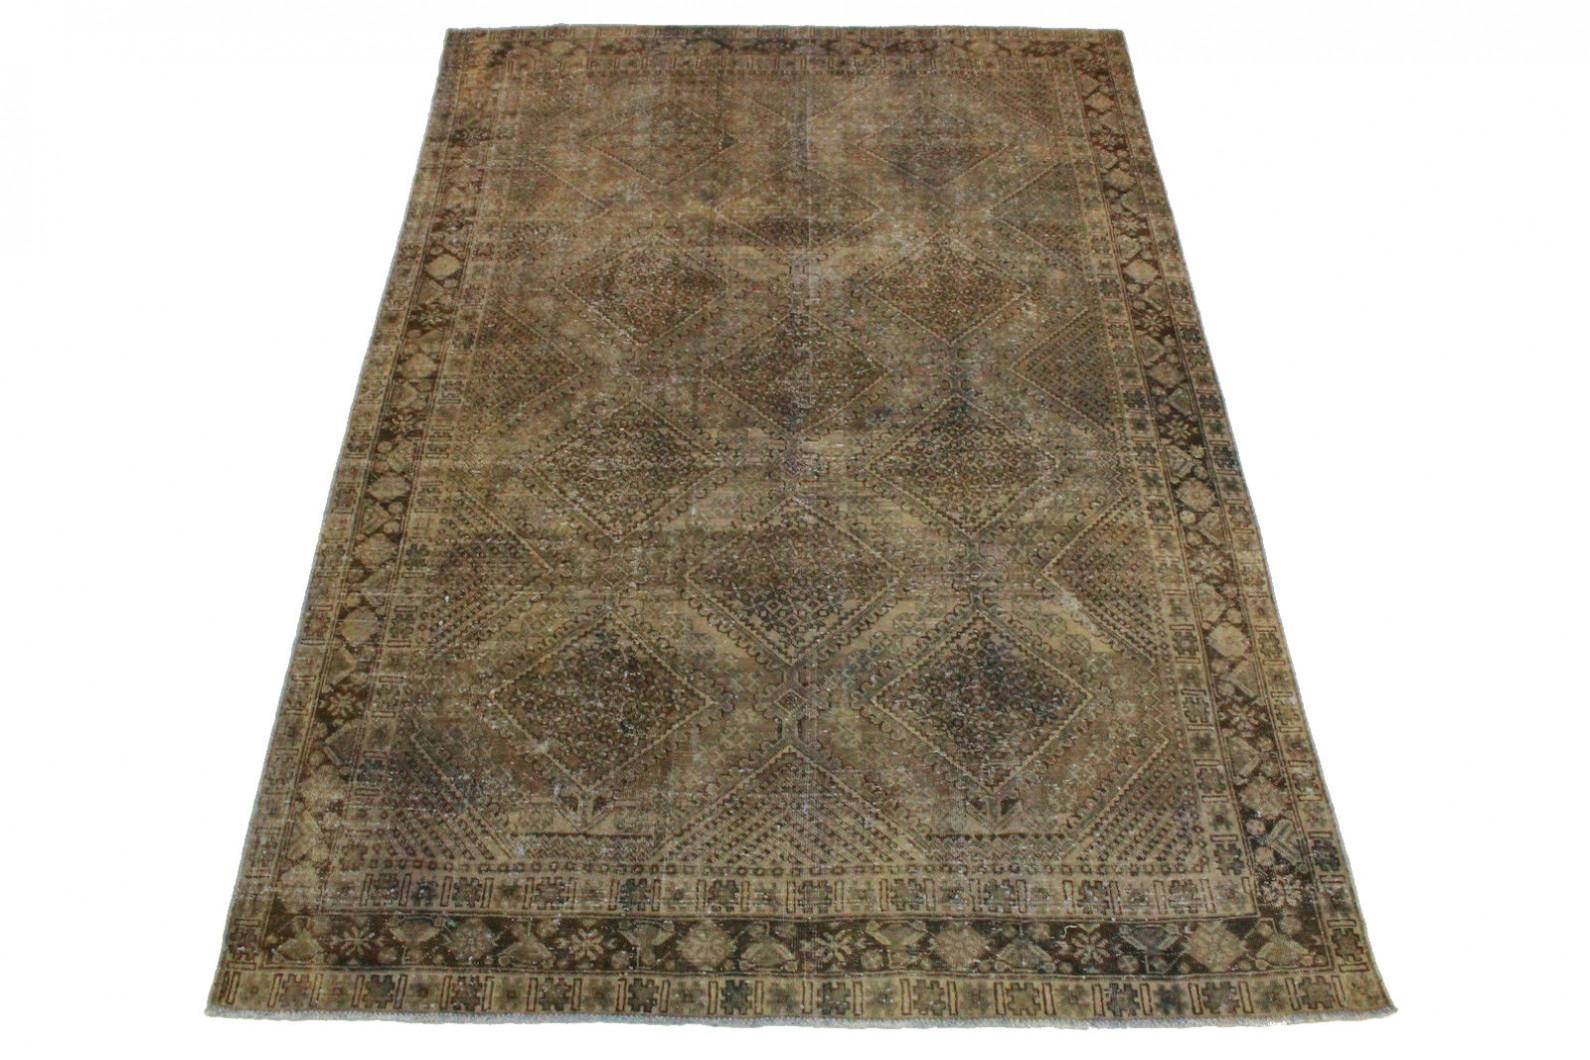 Vintage Teppich Schlamm in 320x220cm (1 / 5)